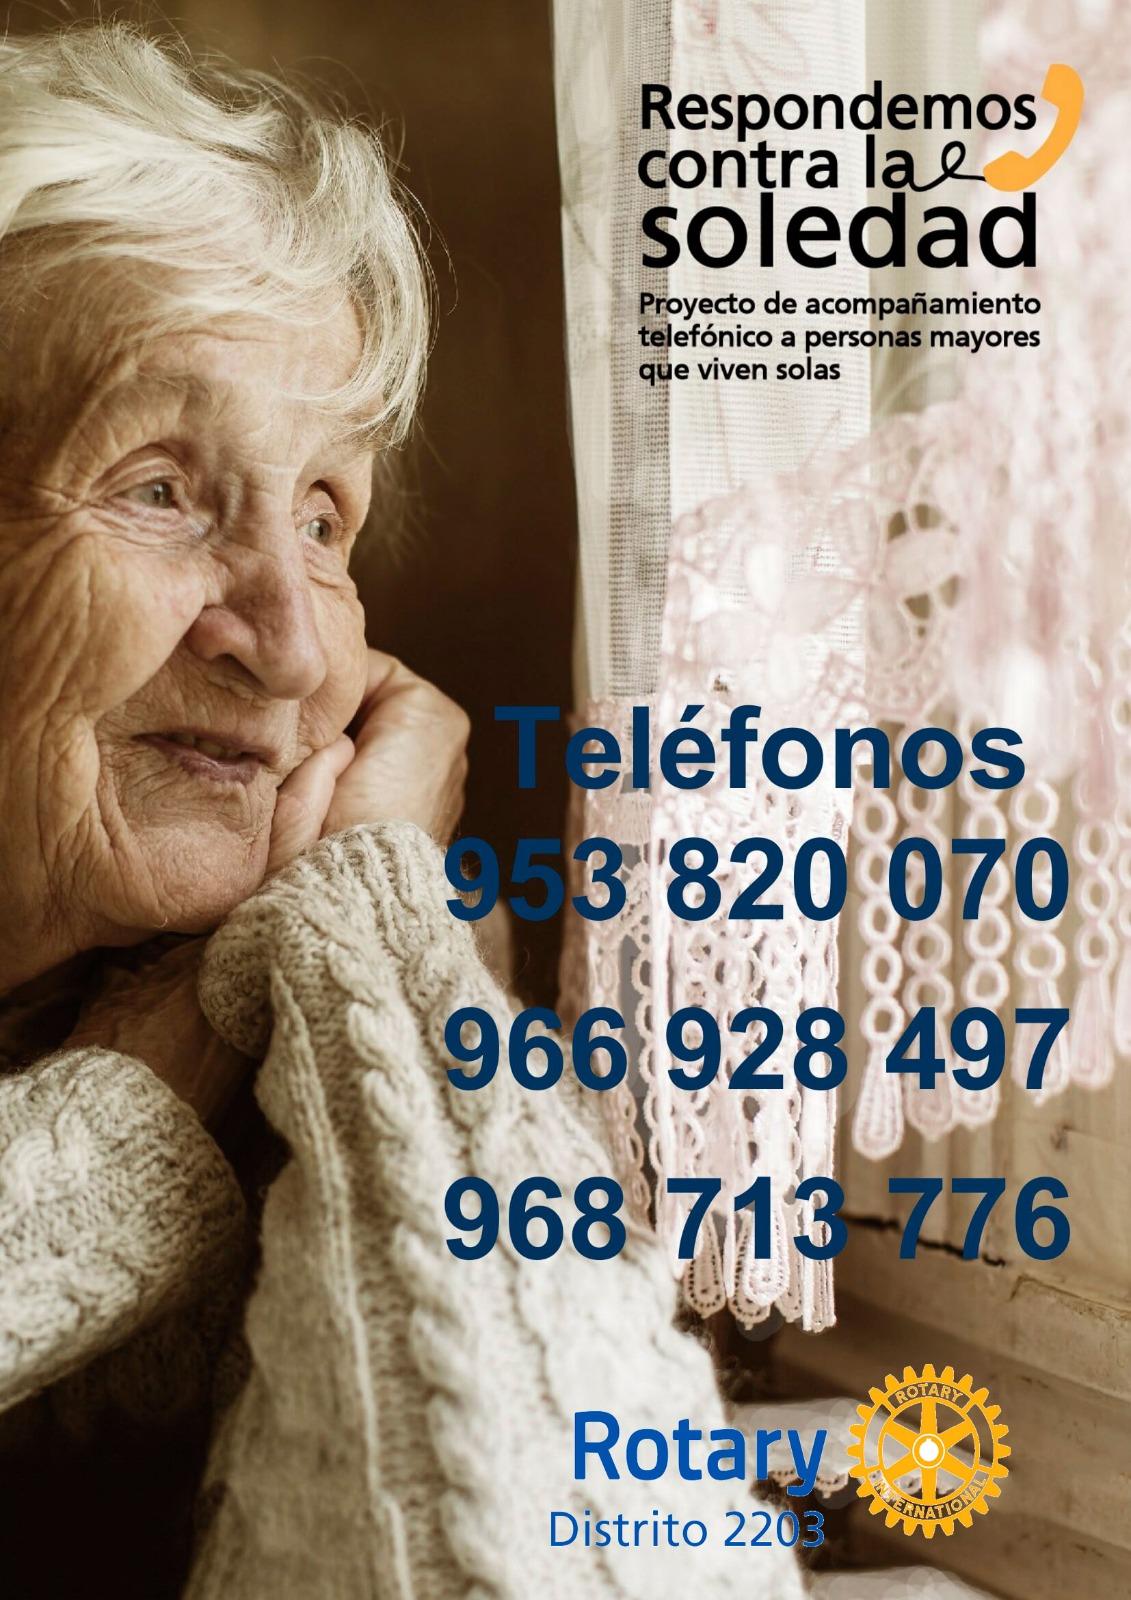 Programa Rotary asistencia telefónica a personas que viven solas